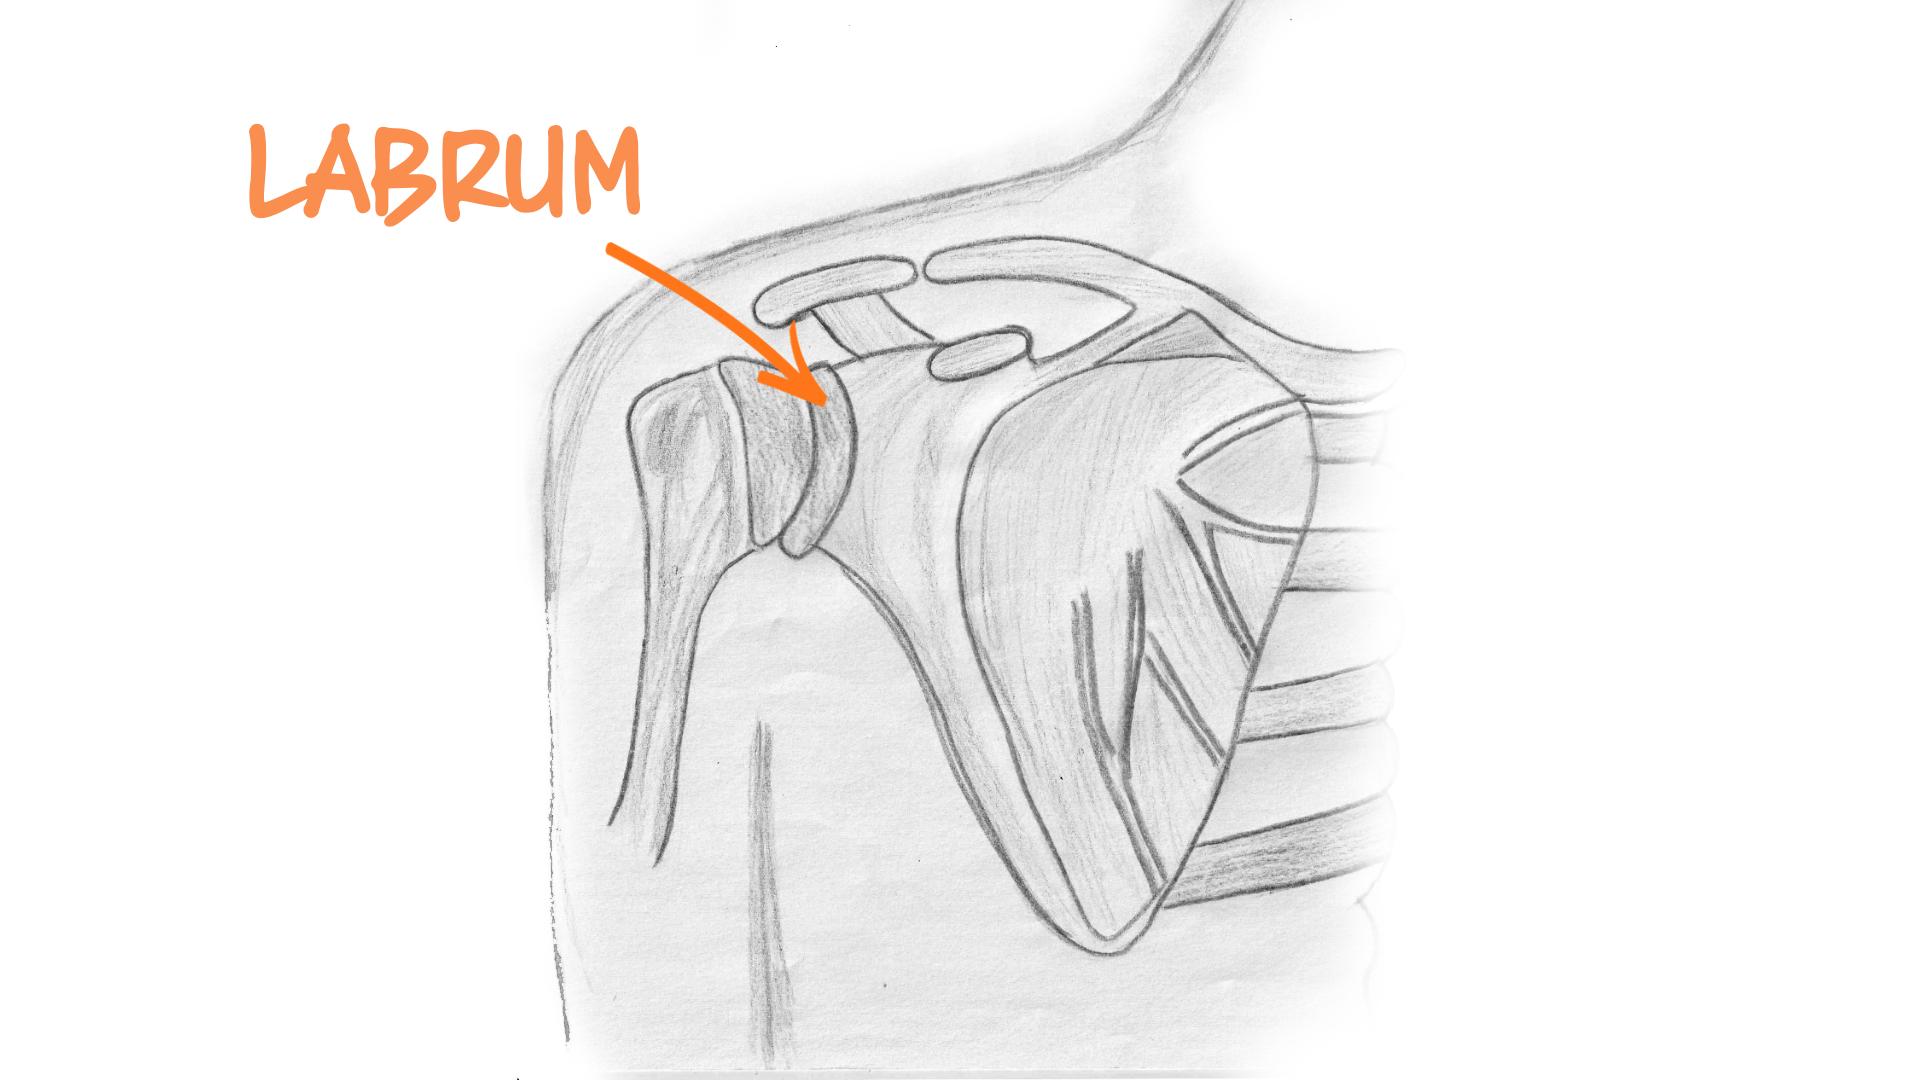 medical illustration of a shoulder labrum tear